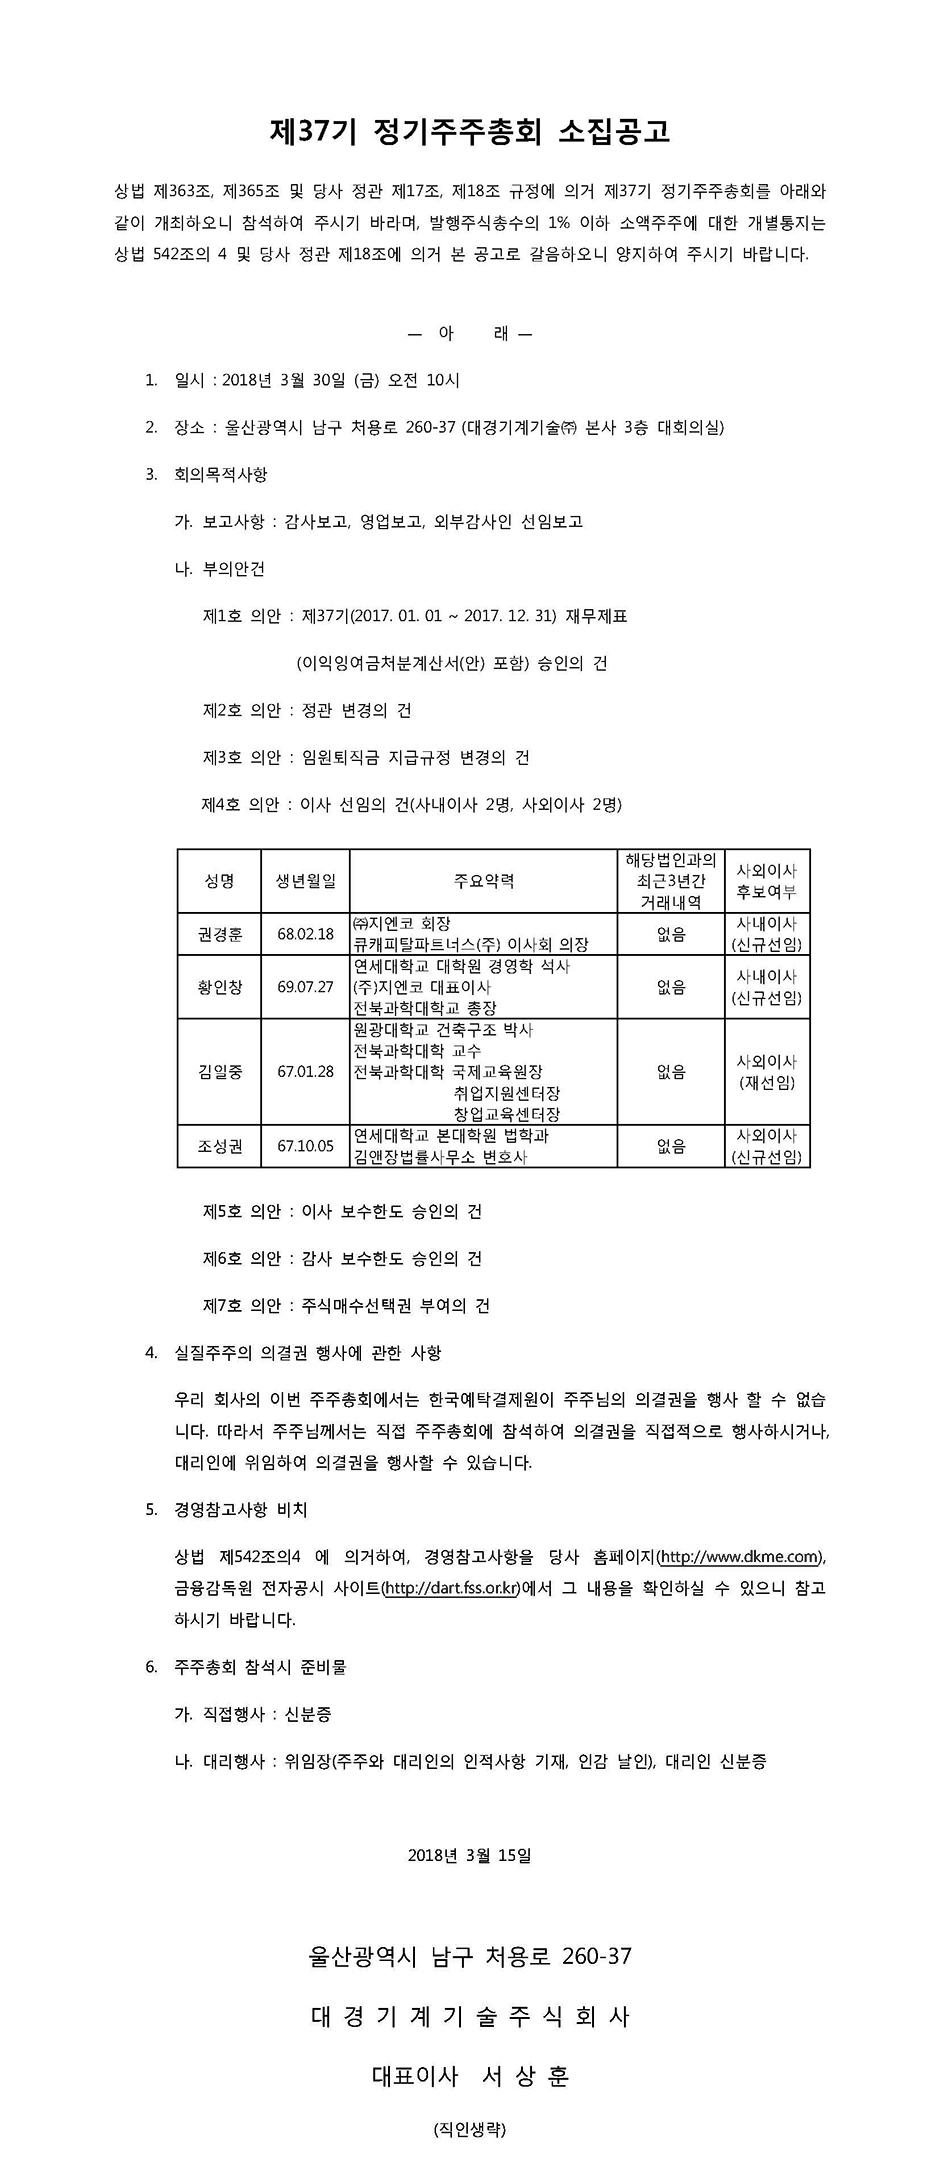 제37기 정기주주총회 소집공고(홈페이지)_페이지_1.jpg